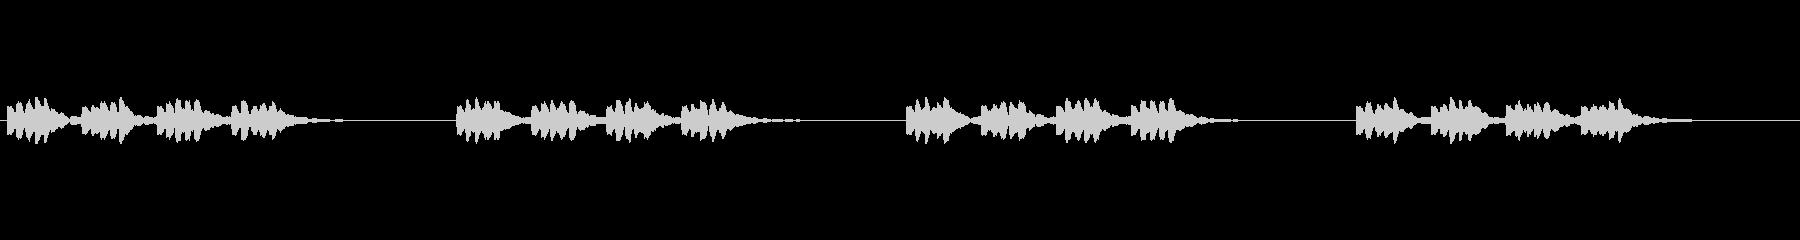 【携帯電話 着信音01-6L】の未再生の波形